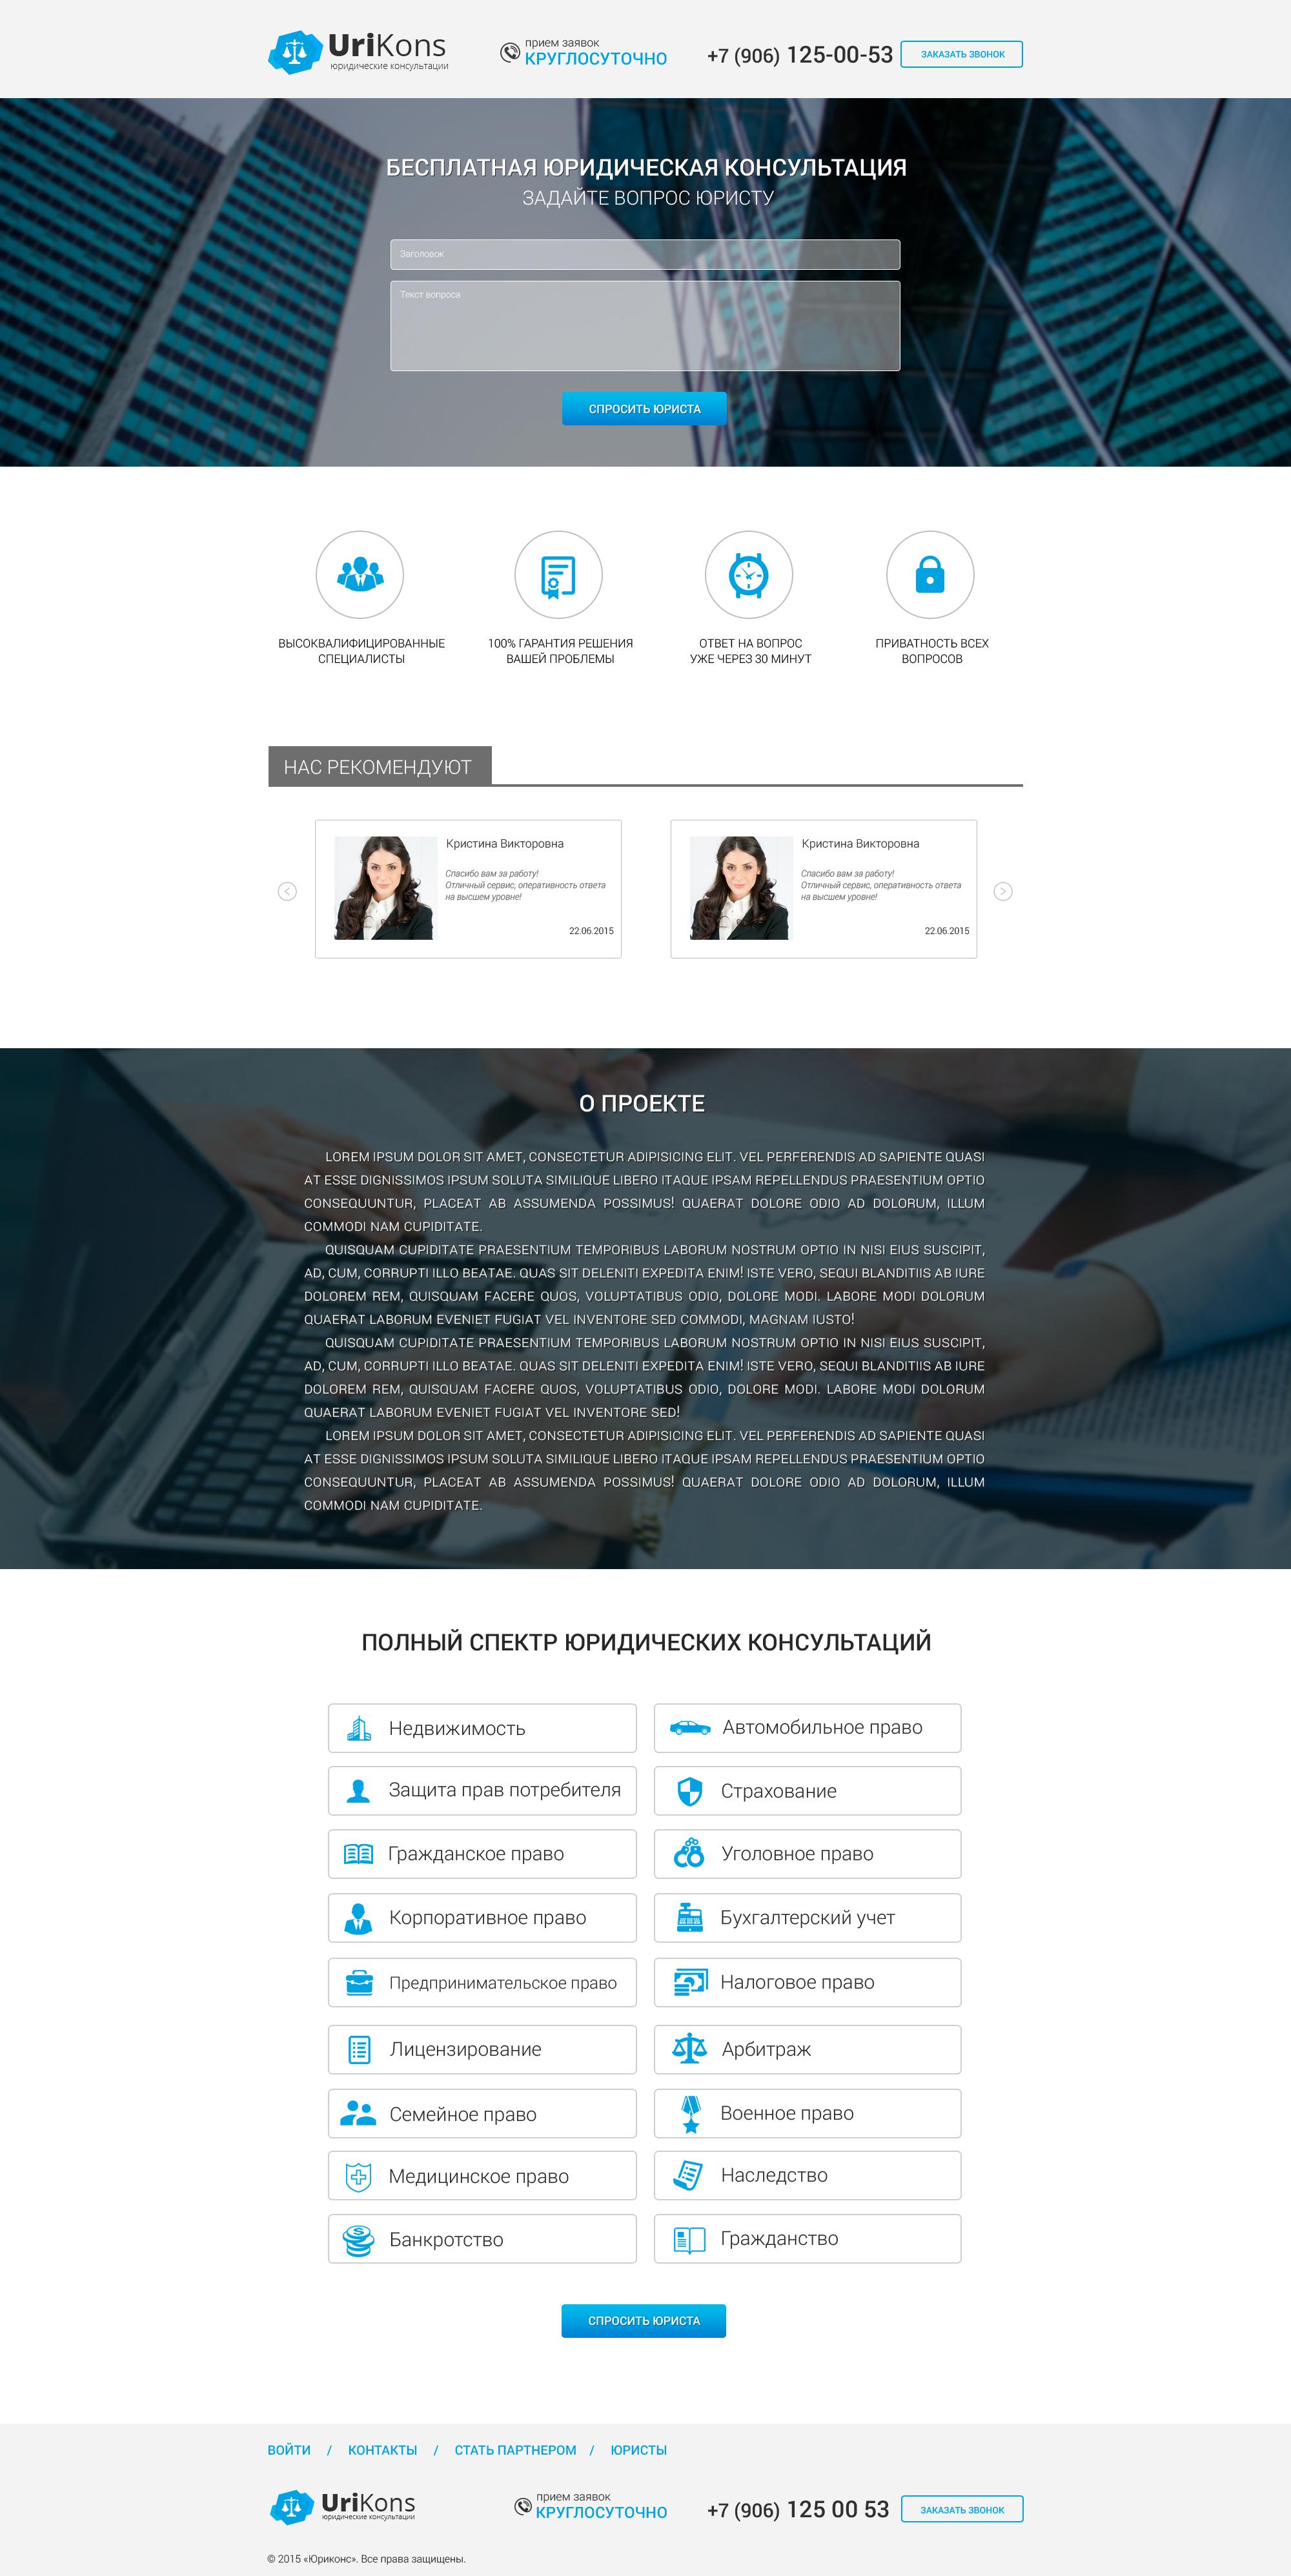 Разработка дизайна сайта для юридических консультаций